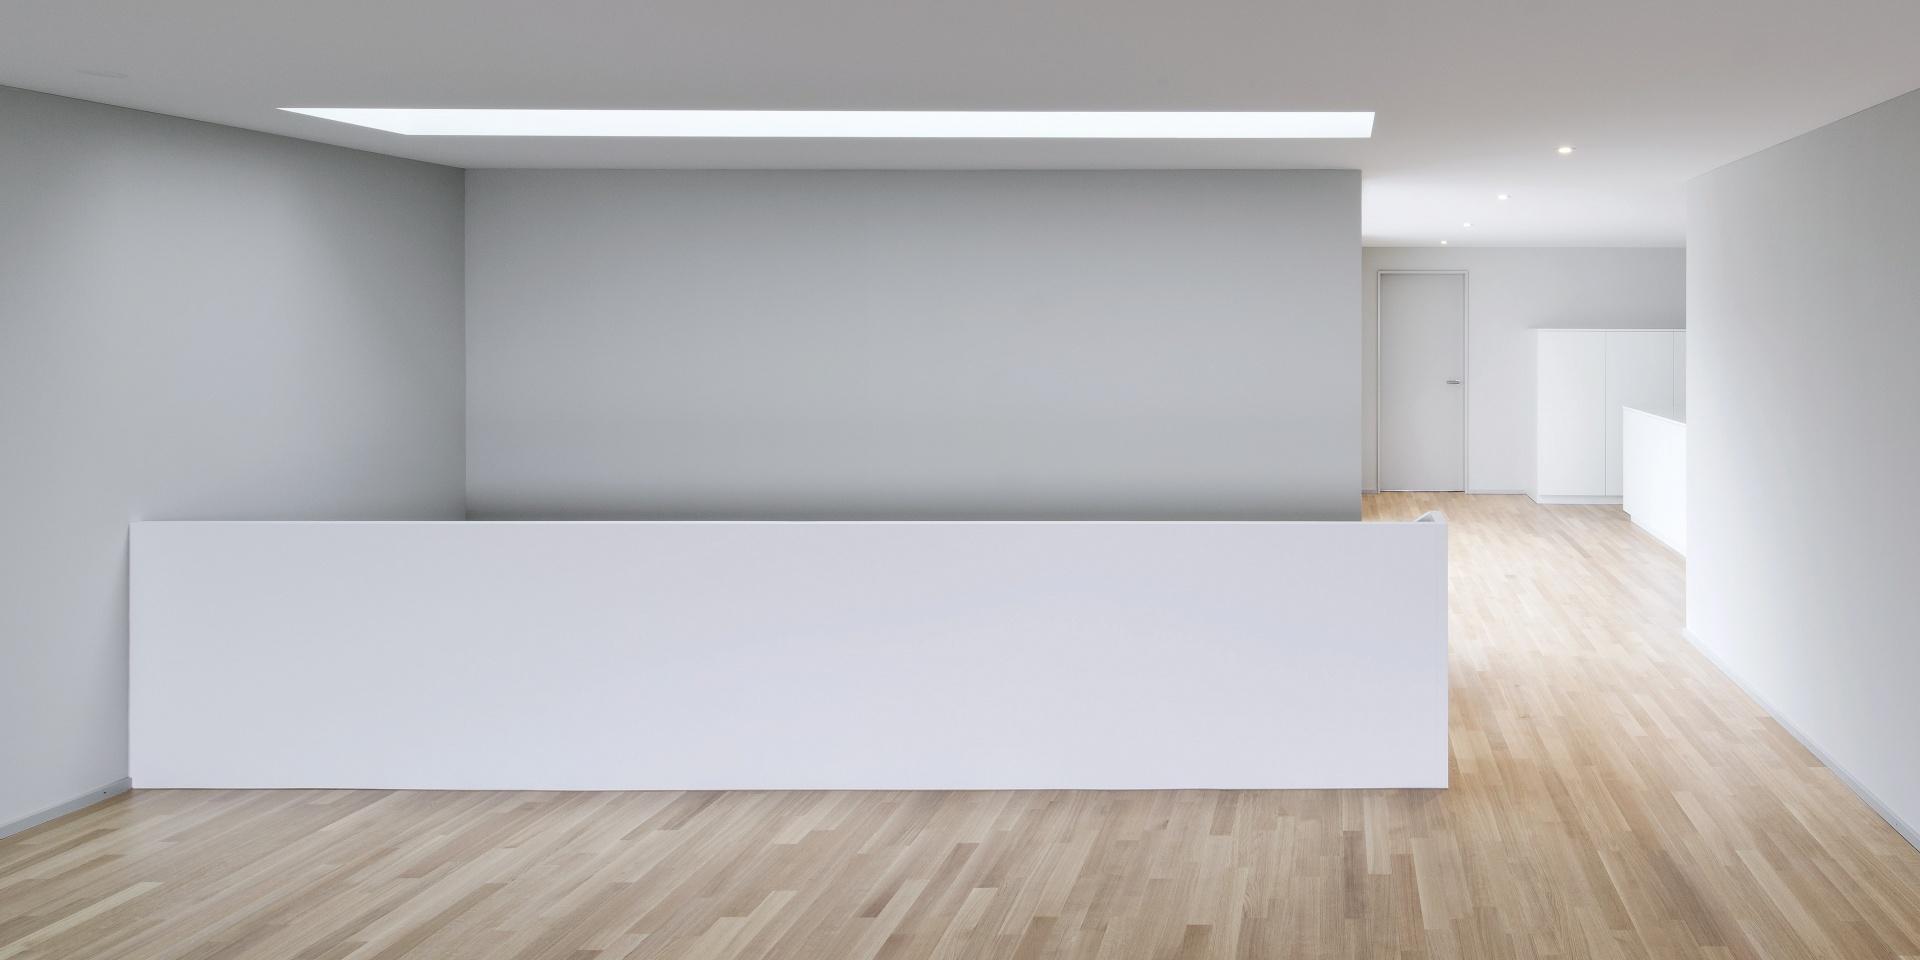 Treppenhaus und Eingang  © René Rötheli, Atelier Fotografie, Bruggerstrasse 37 5400 Baden